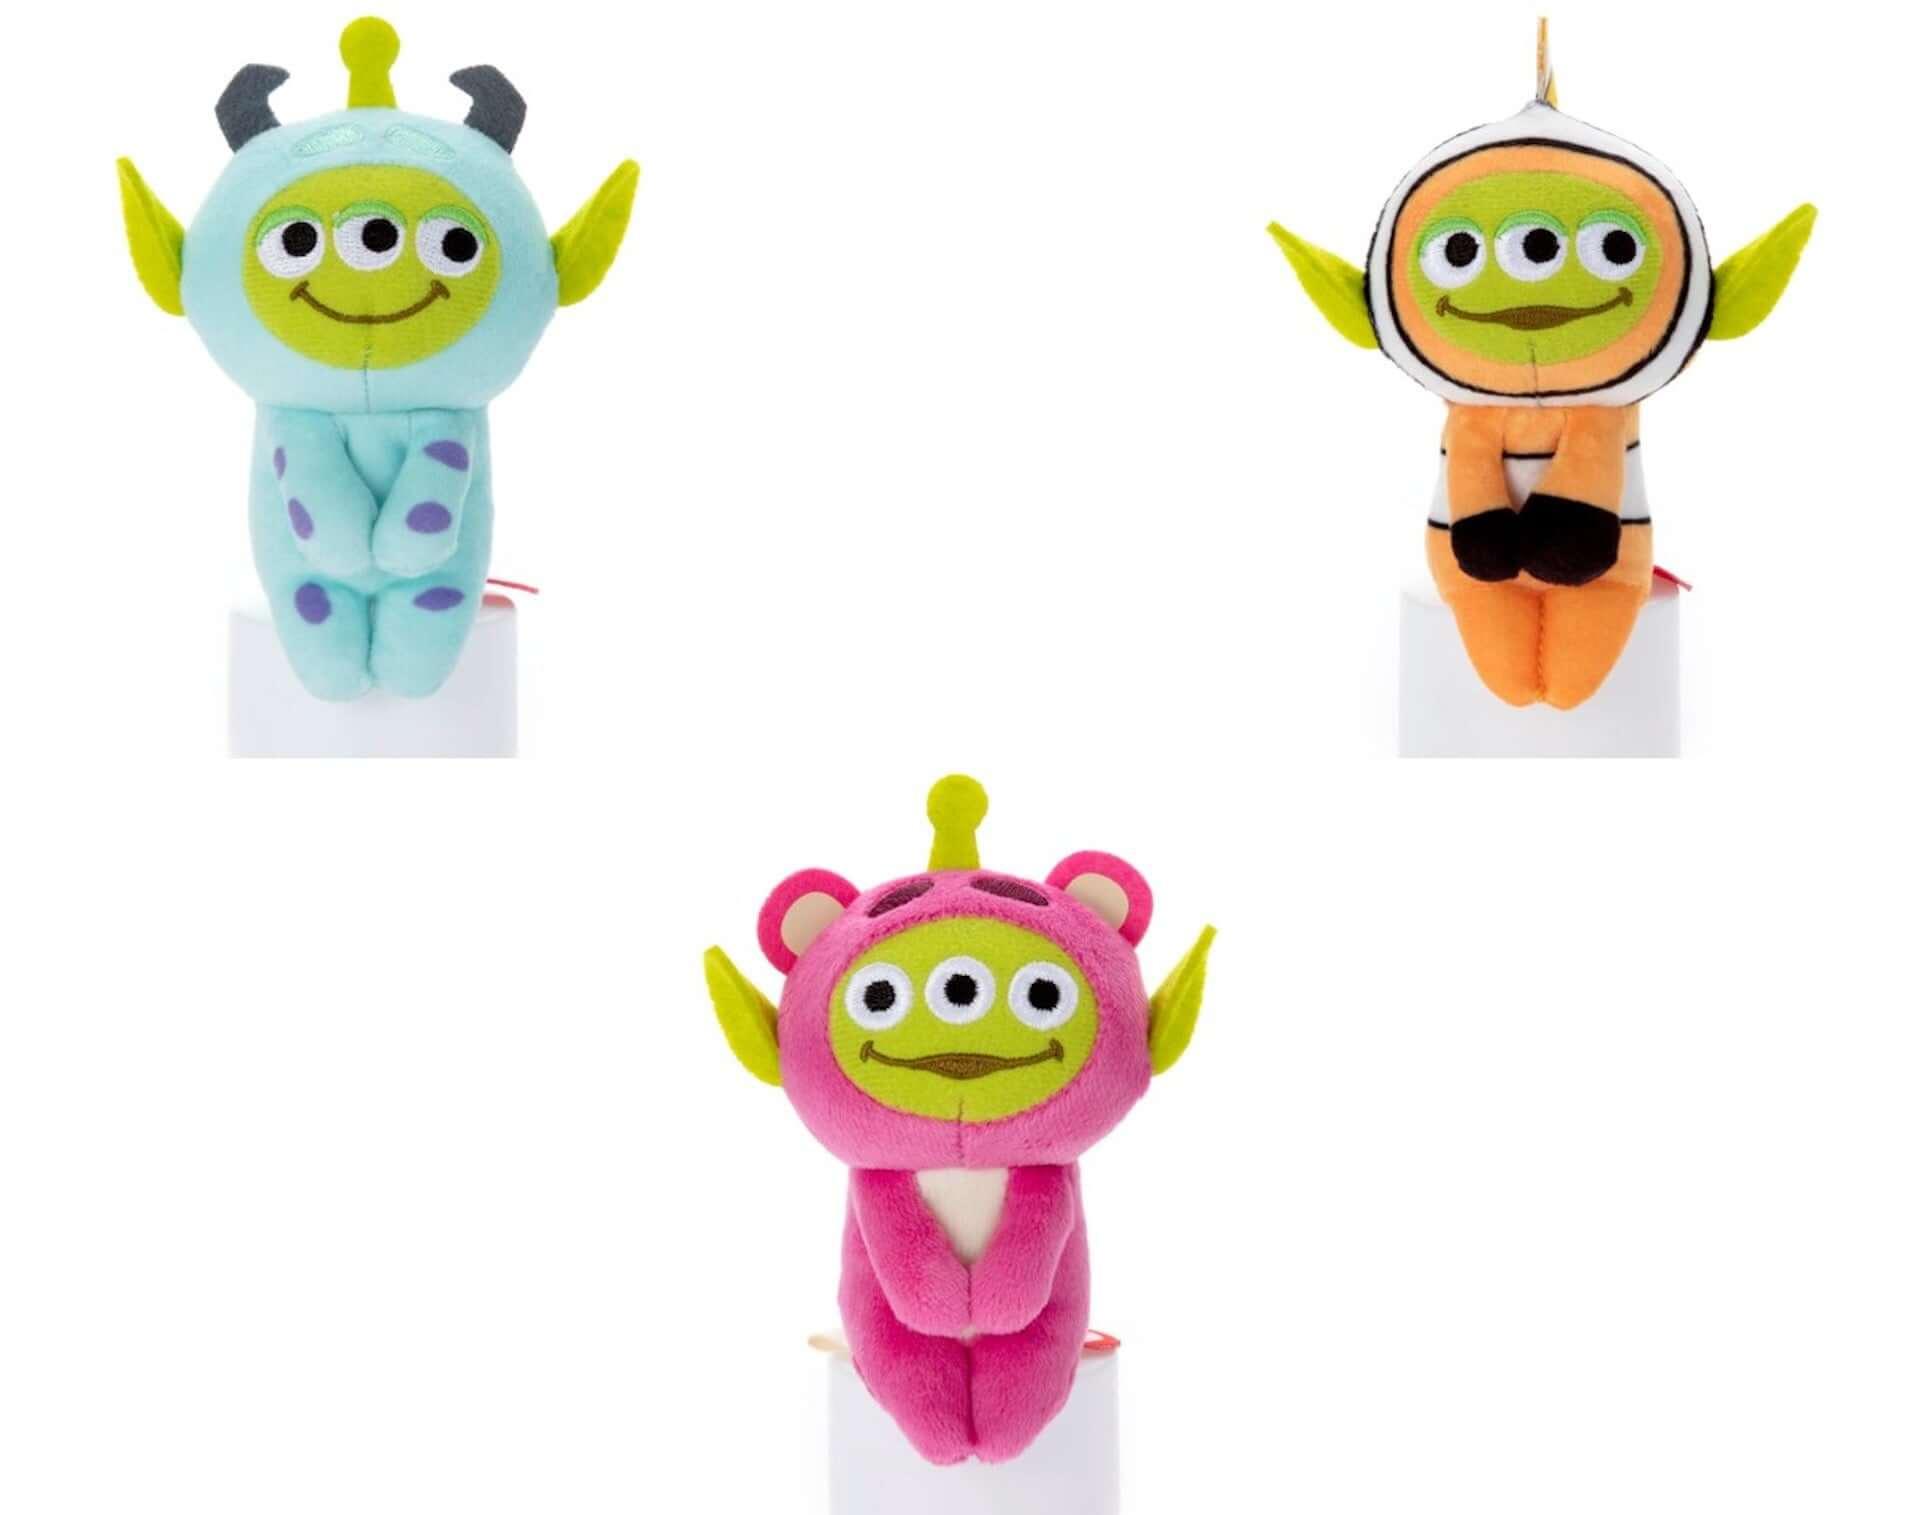 『トイ・ストーリー』25周年記念!ピクサー作品をテーマにしたコンテンツが多数展開&バズ・ライトイヤー初期スケッチも日本初公開 art201008_disney-pixar_18-1920x1515